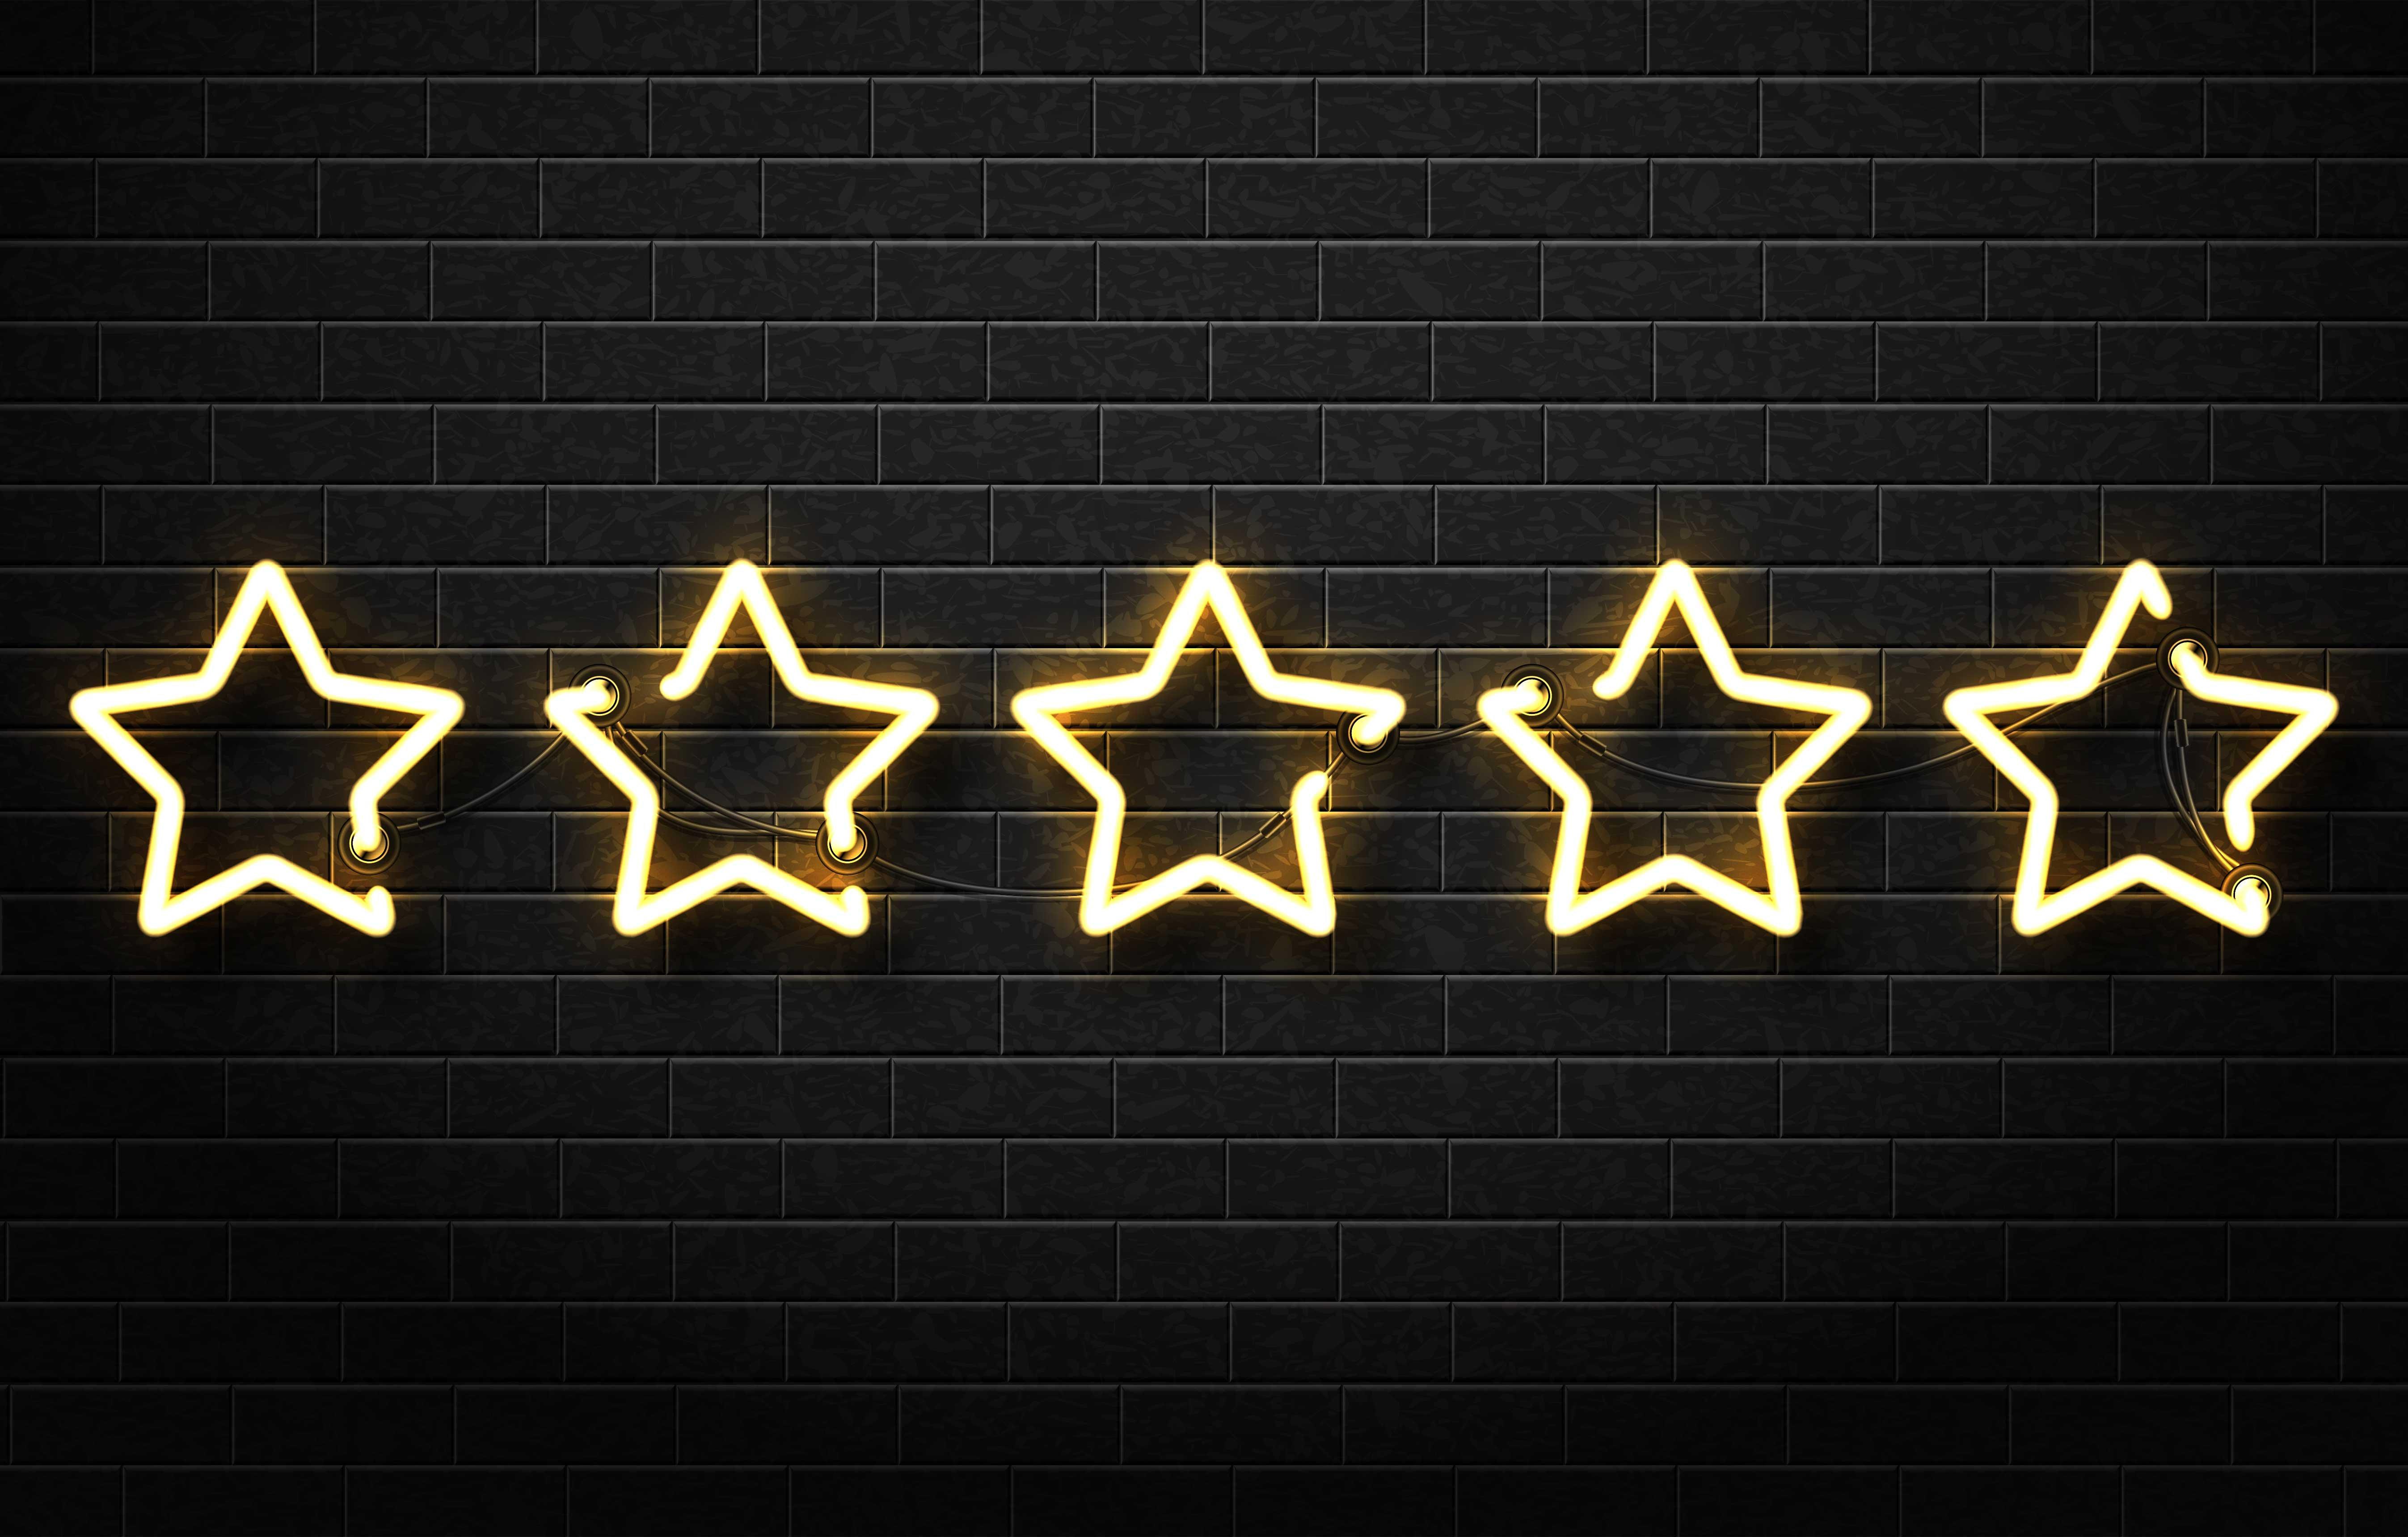 Artikel-Umgang-mit-schlechten-Teilnehmerbewertungen-Bild